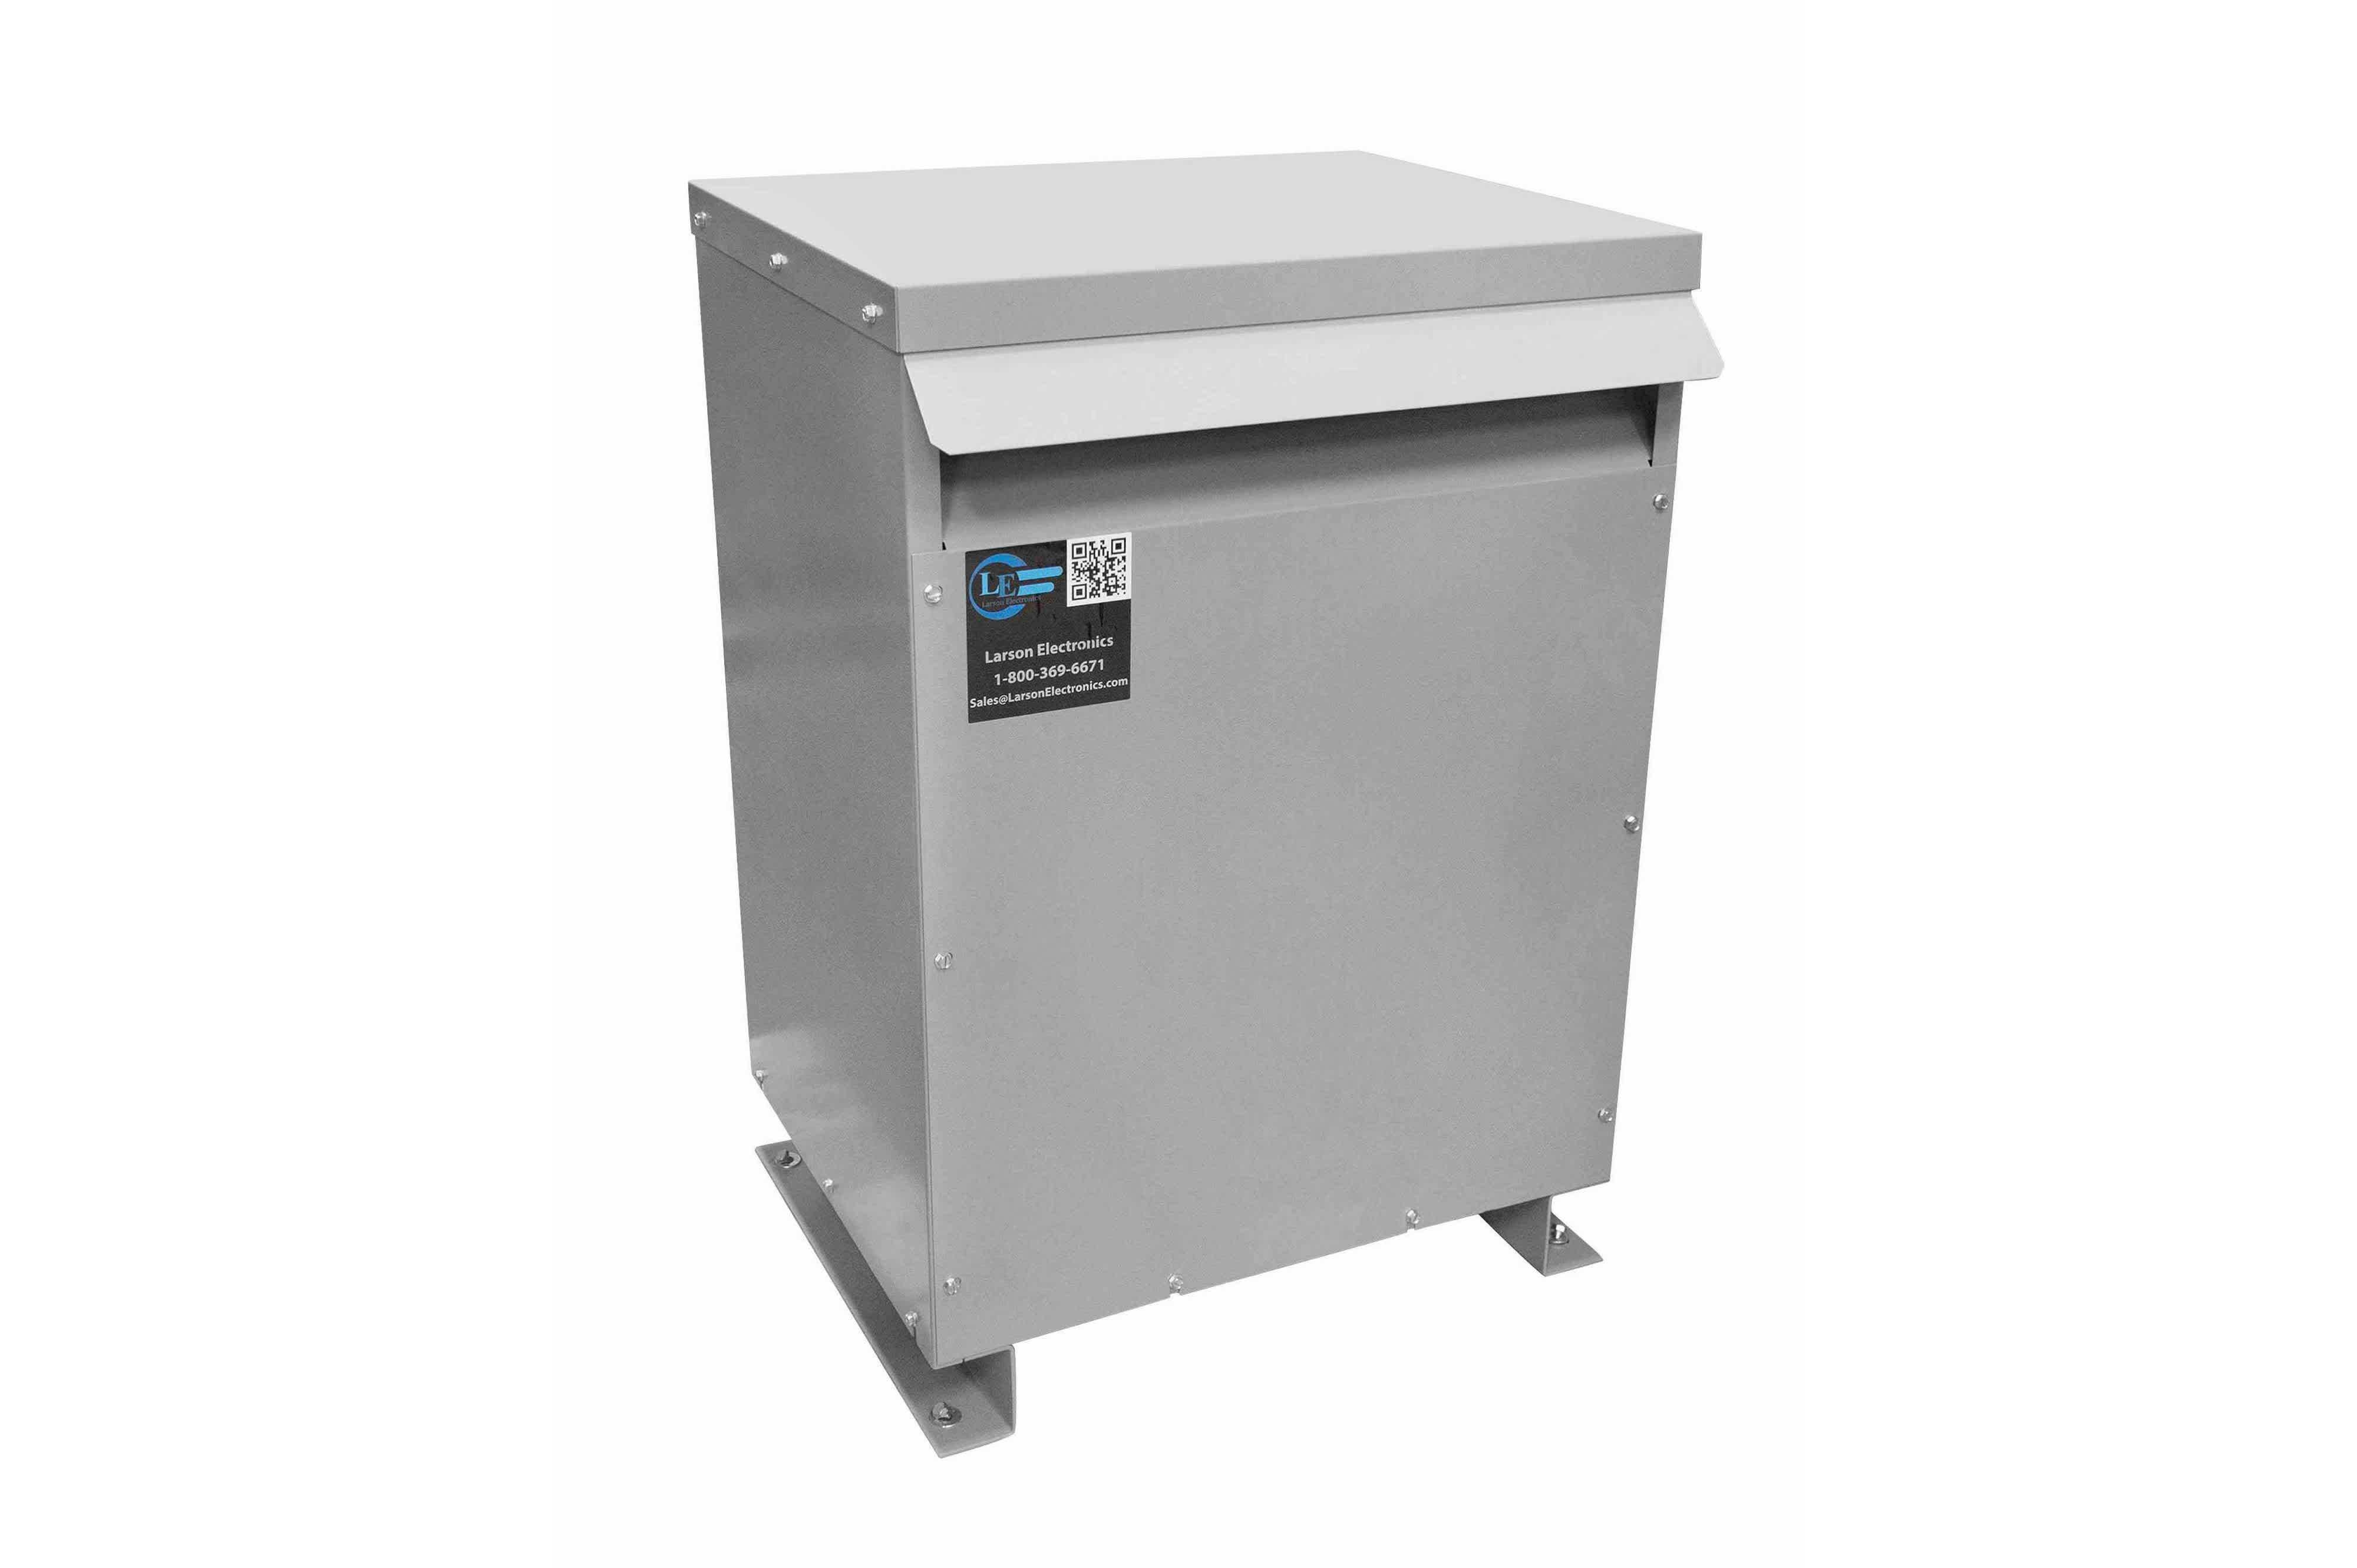 250 kVA 3PH Isolation Transformer, 208V Delta Primary, 415V Delta Secondary, N3R, Ventilated, 60 Hz